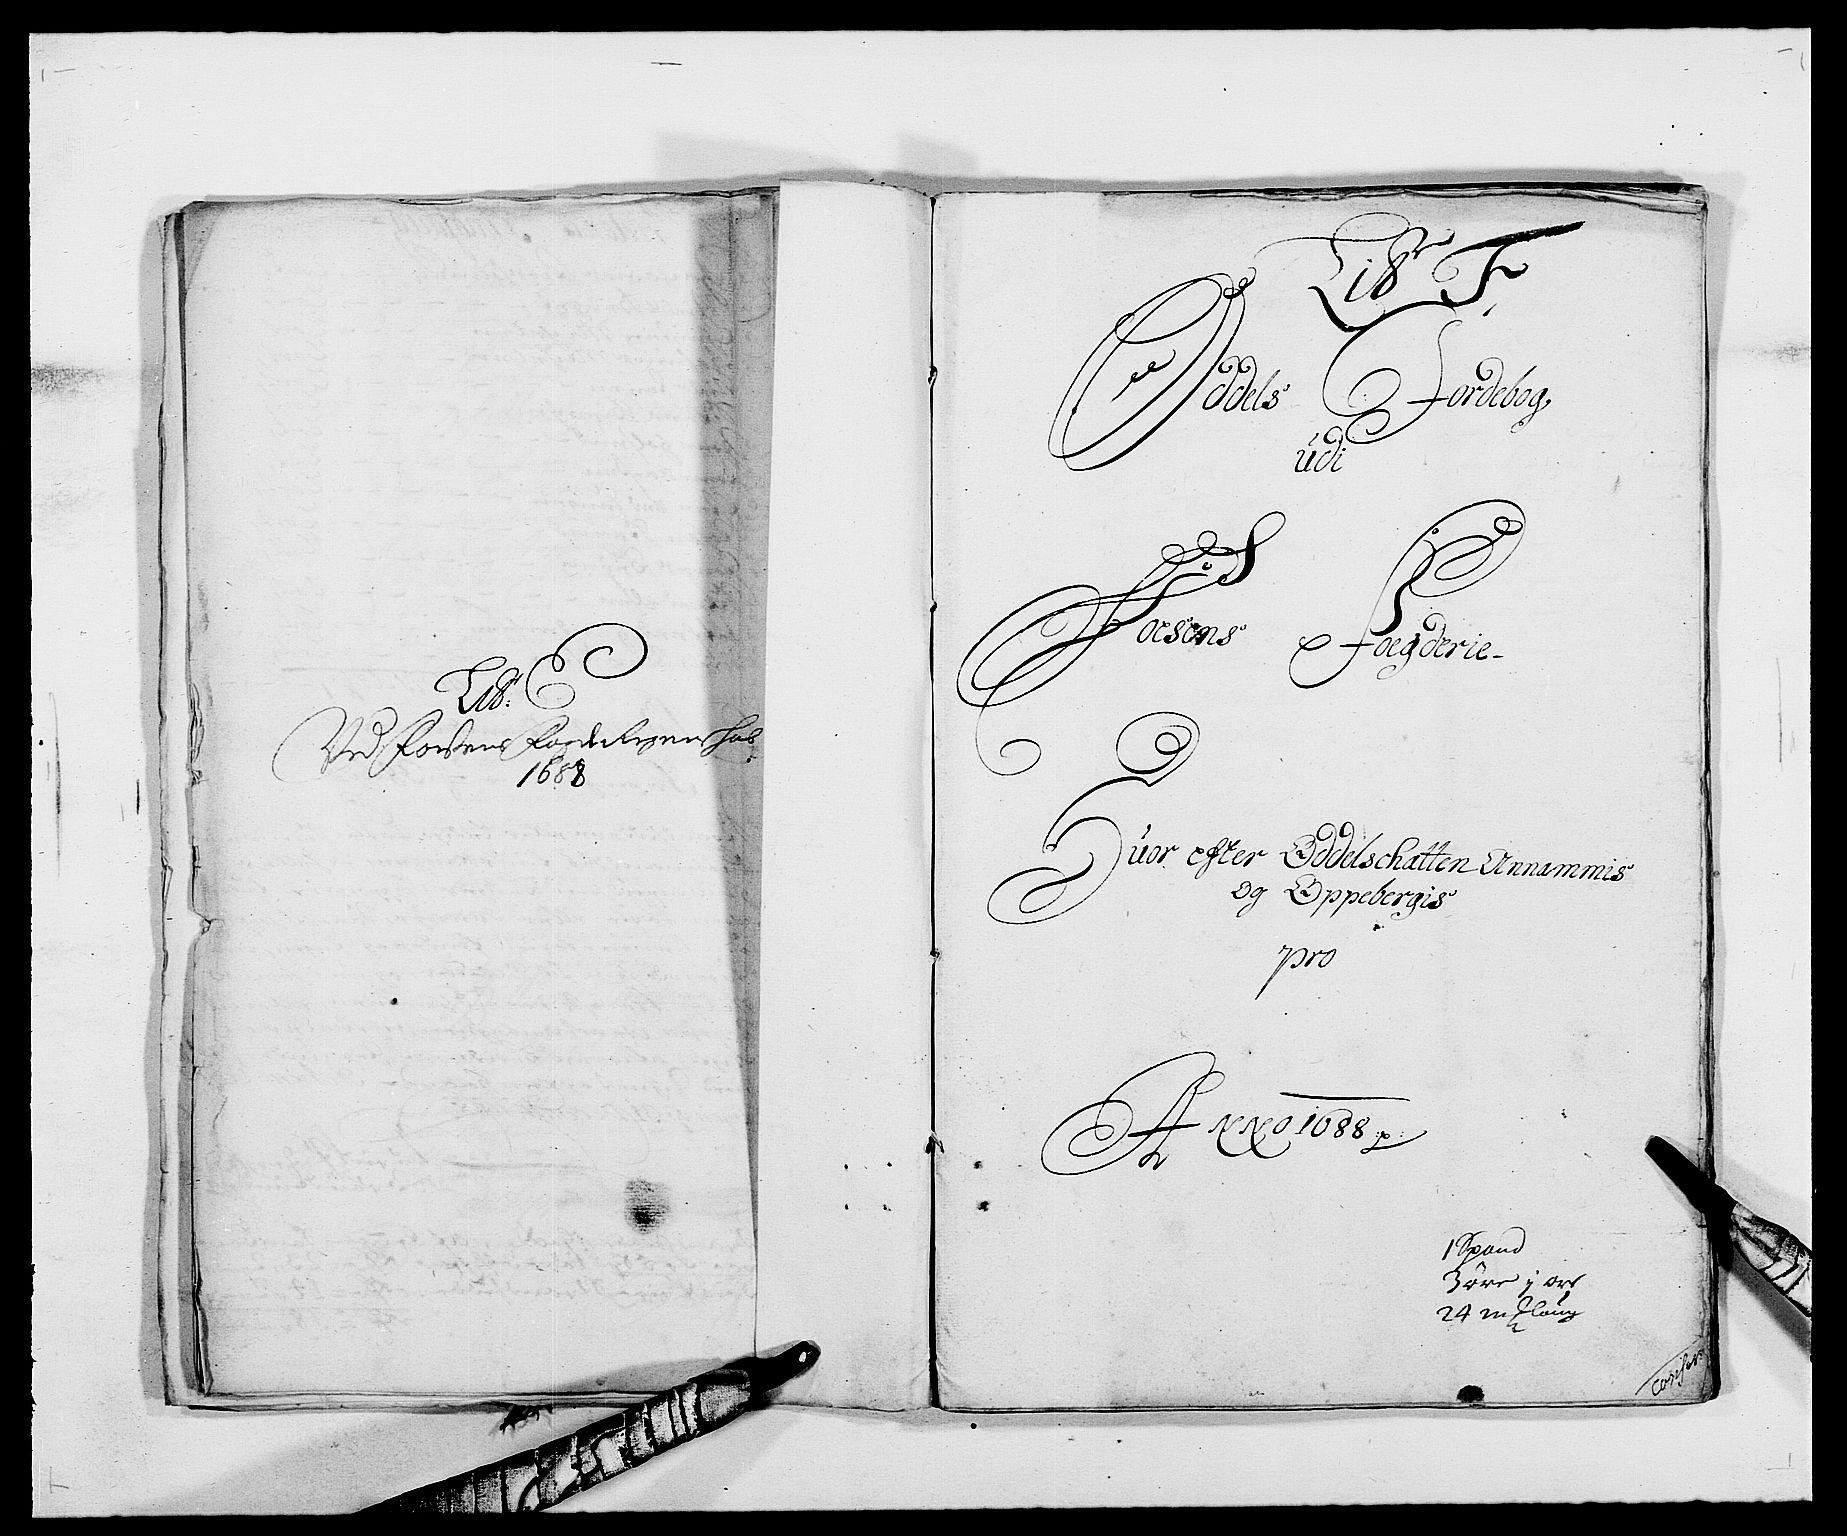 RA, Rentekammeret inntil 1814, Reviderte regnskaper, Fogderegnskap, R57/L3846: Fogderegnskap Fosen, 1688, s. 84